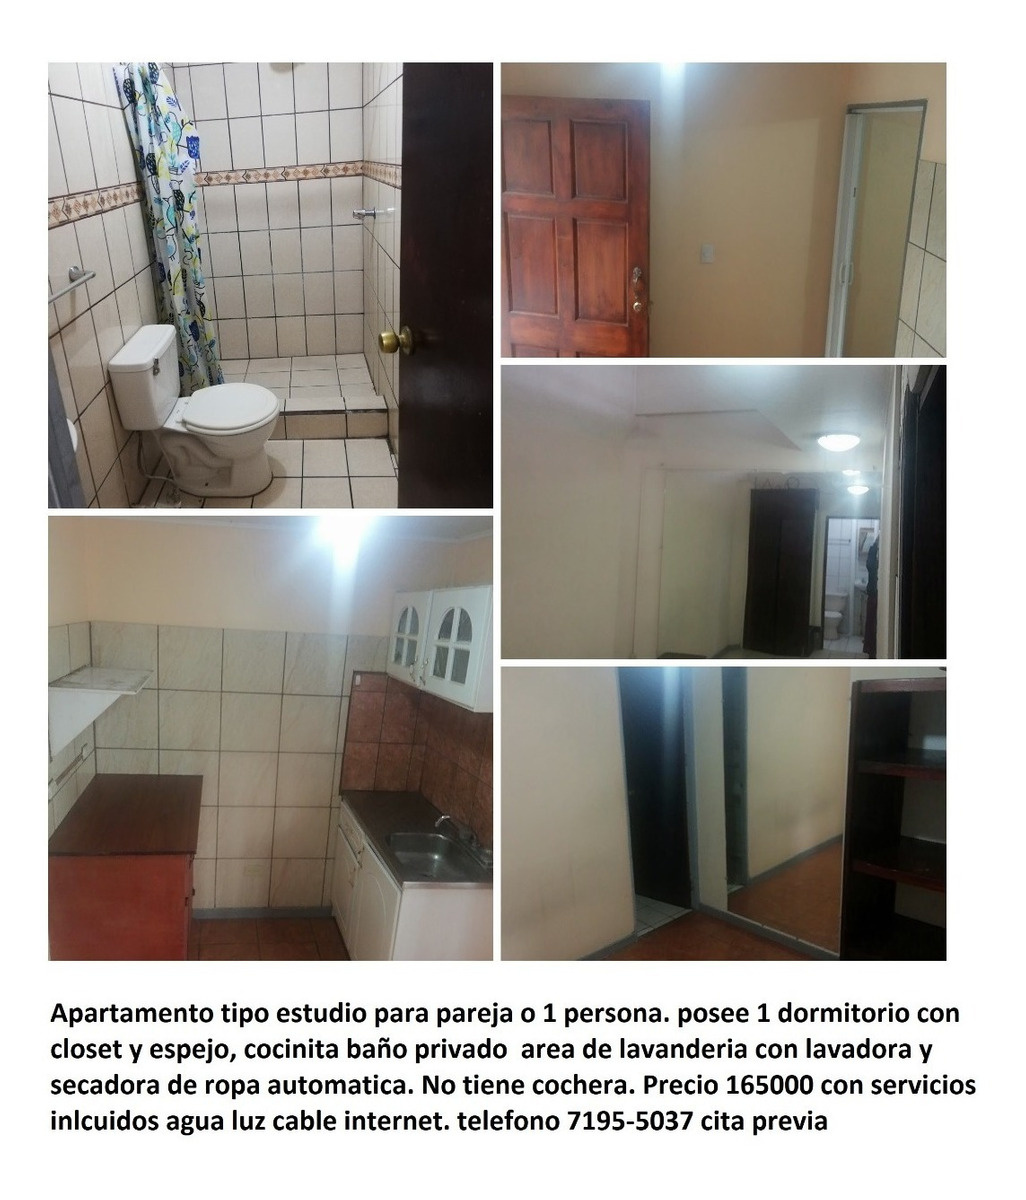 apartamento tipo estudio san sebastian